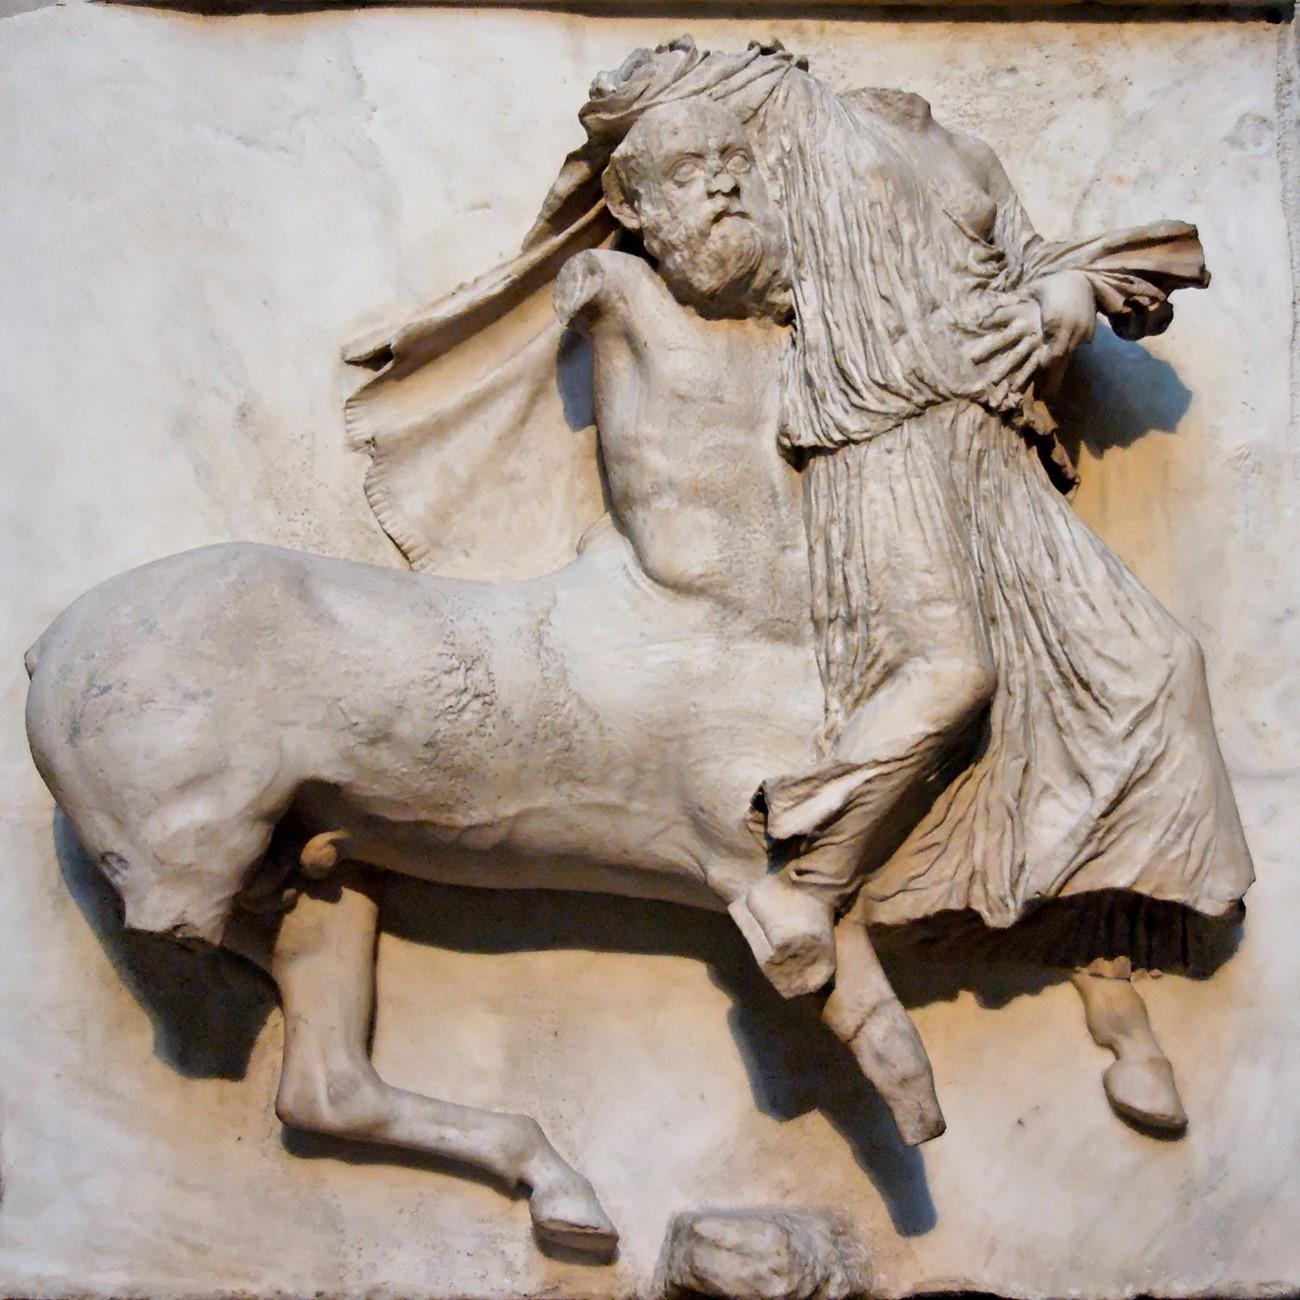 De historia Atenas estudiosCapítulo 28 Arte Acrópolis DYeHIEW29b